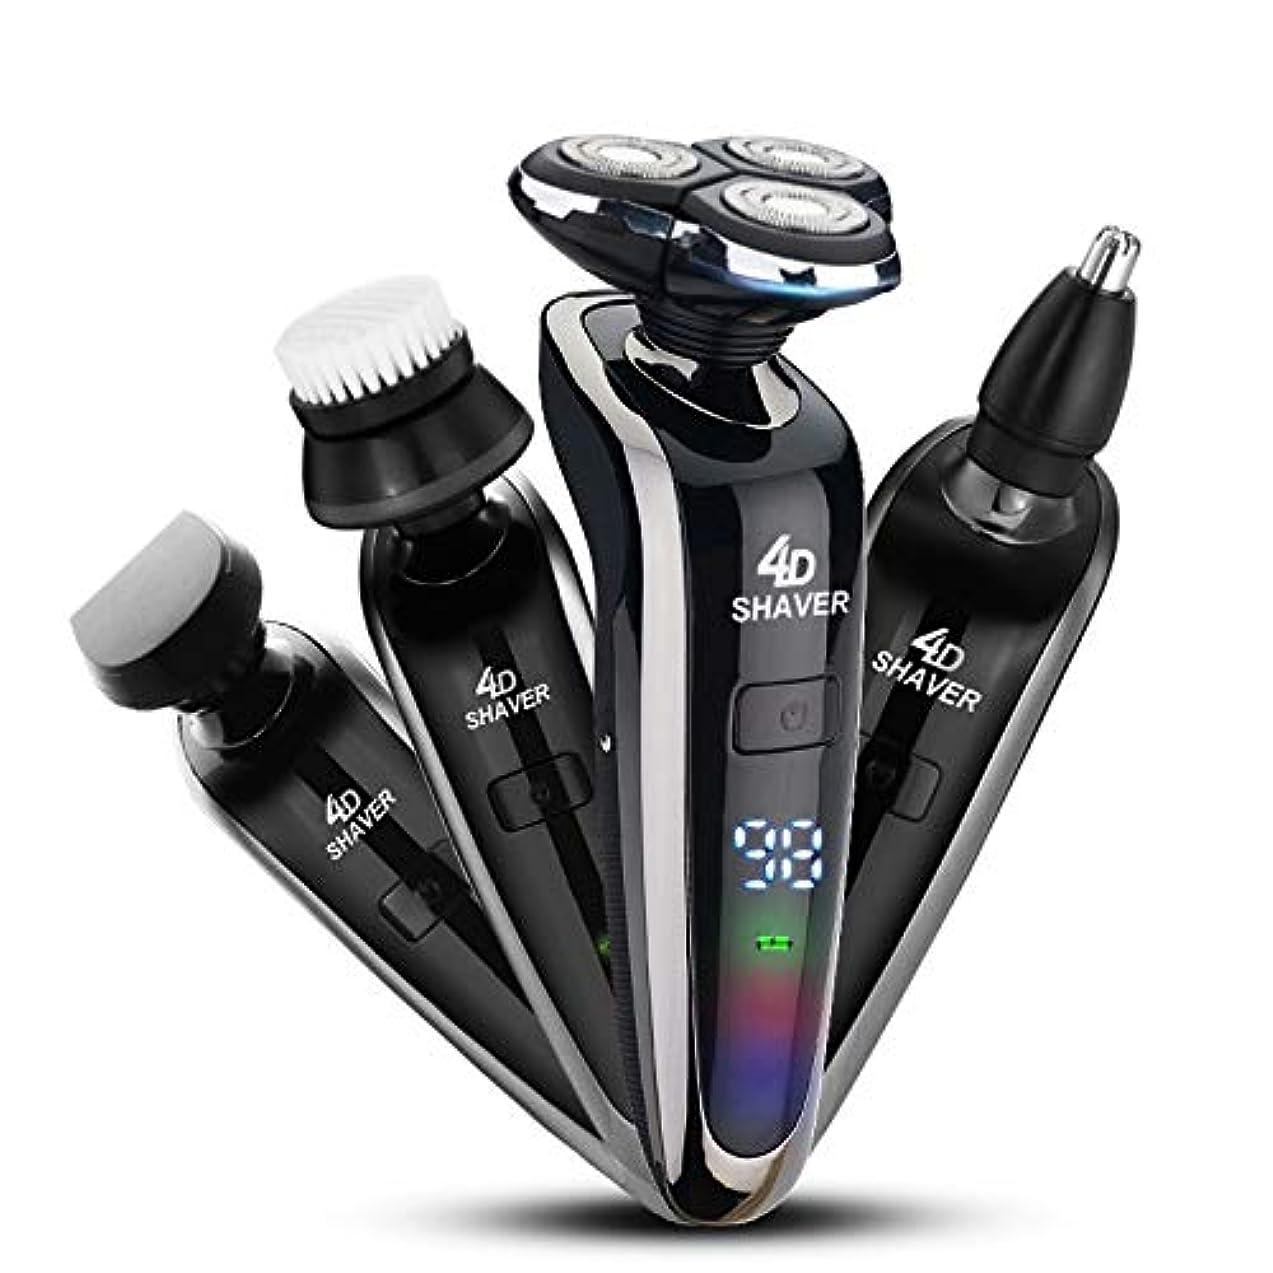 暗記する概要南極メンズ電気シェーバー 3枚刃 4 in 1髭剃り USB充電式 LEDディスプレイー お風呂剃り可能 トリマーと鼻毛カッター 洗顔ブラシ付き 防水仕様IPX基準 本体丸洗い可能